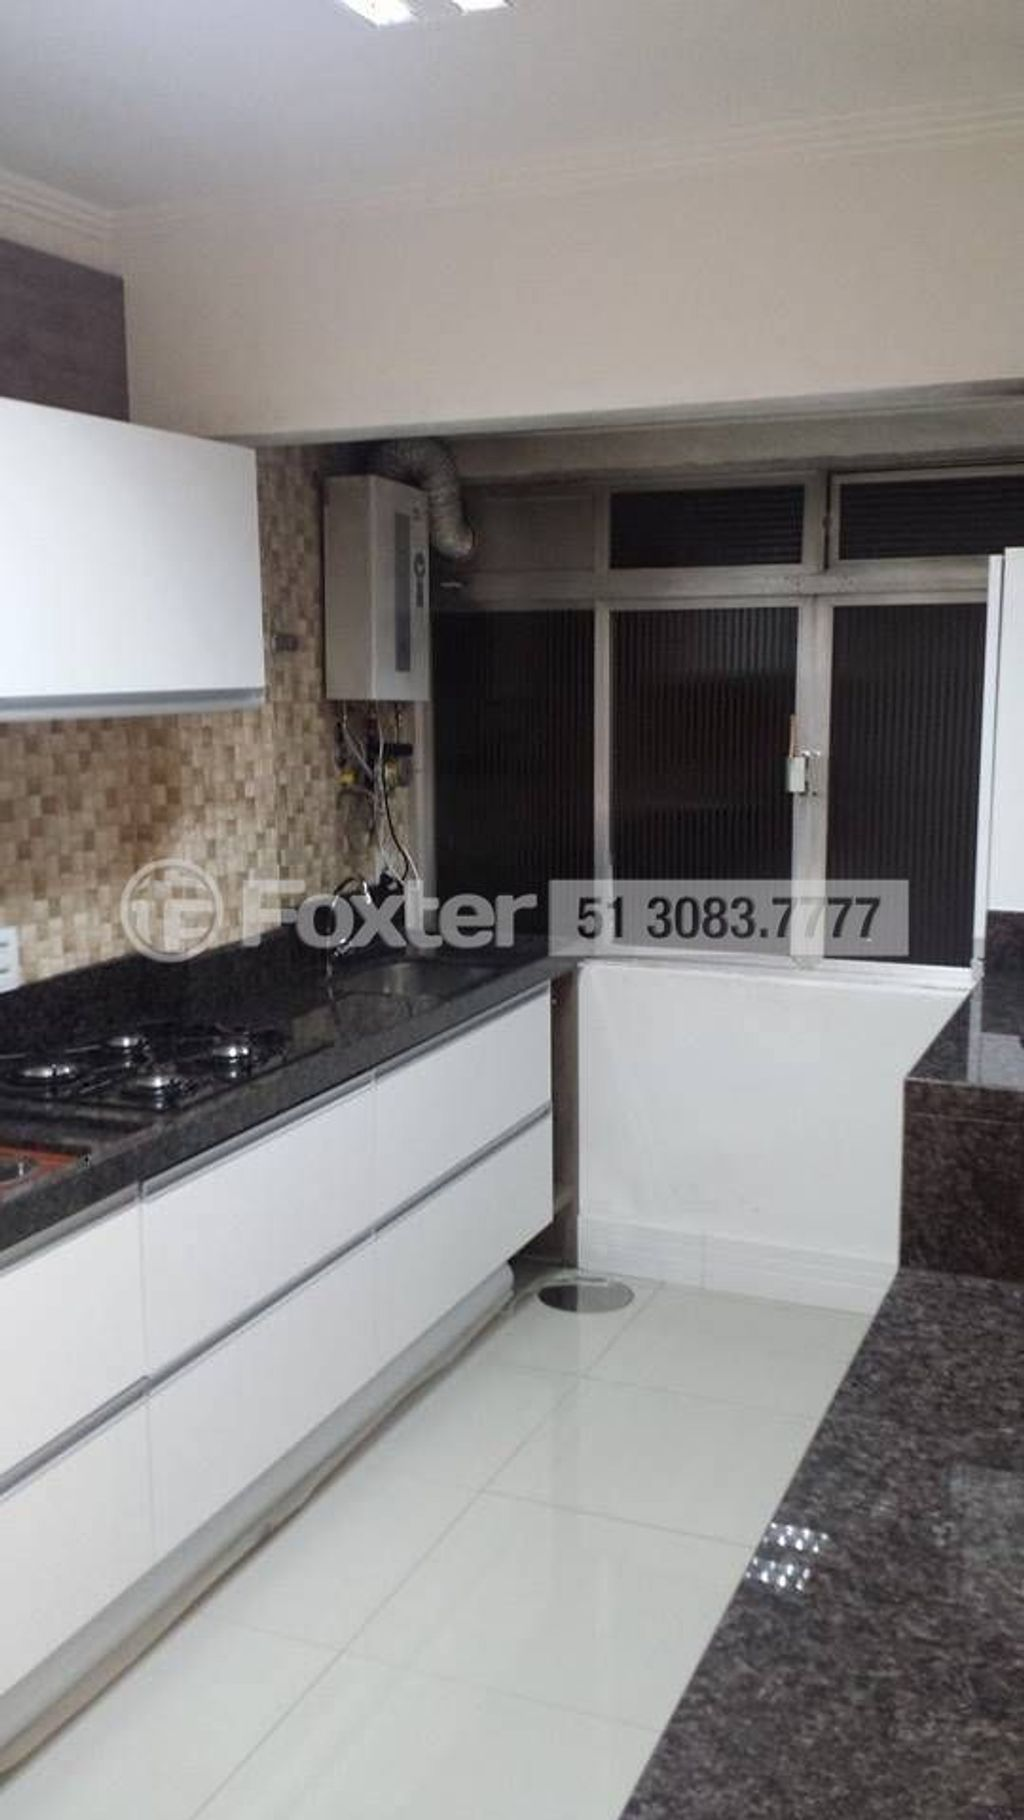 Foxter Imobiliária - Apto 2 Dorm, São João - Foto 11